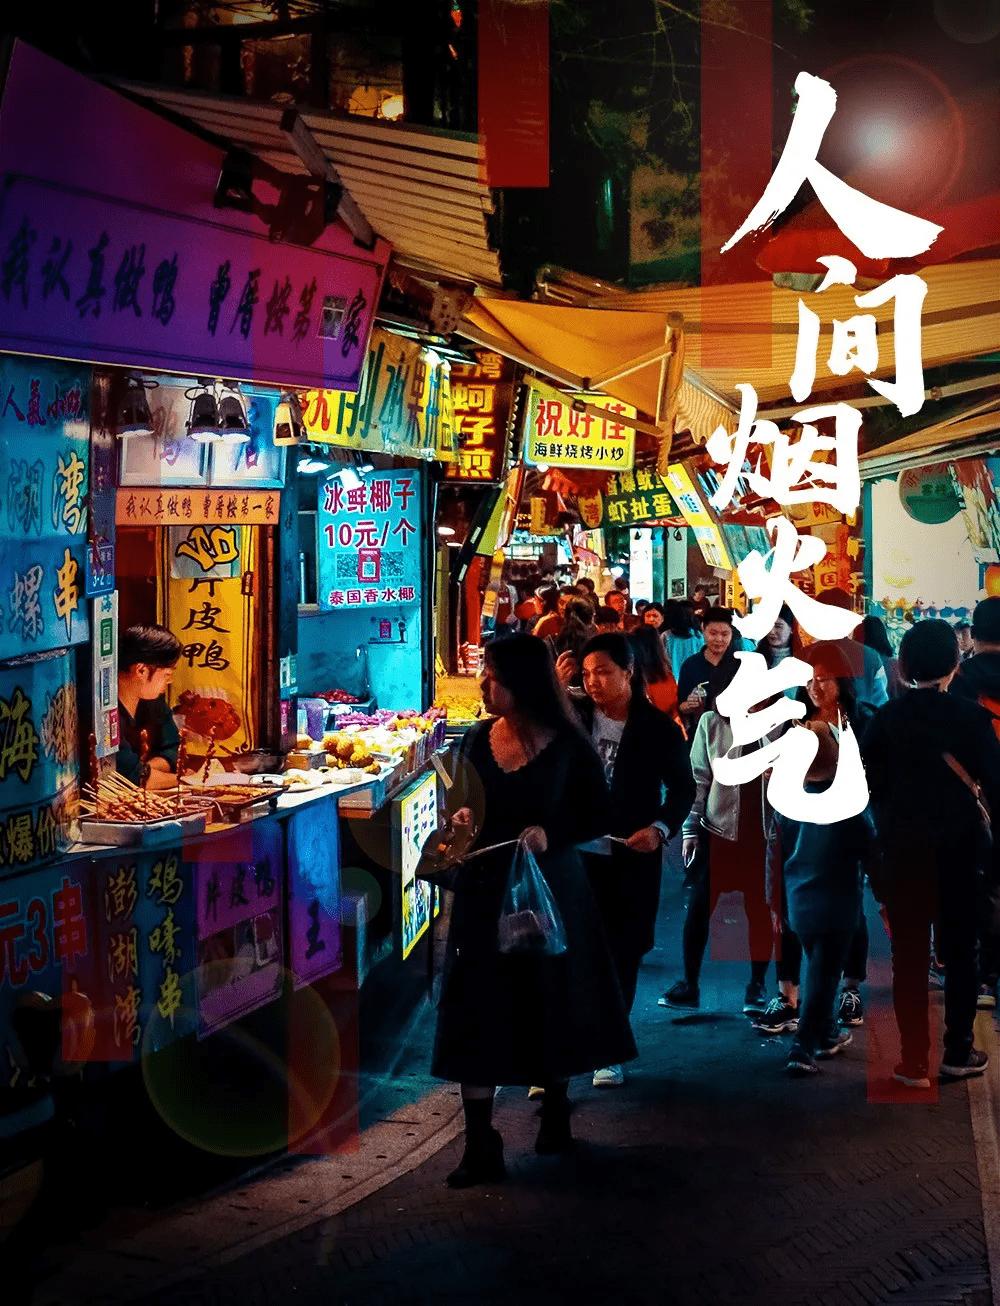 盘点中国最有价值的蔬菜市场,带你感受市场的烟火